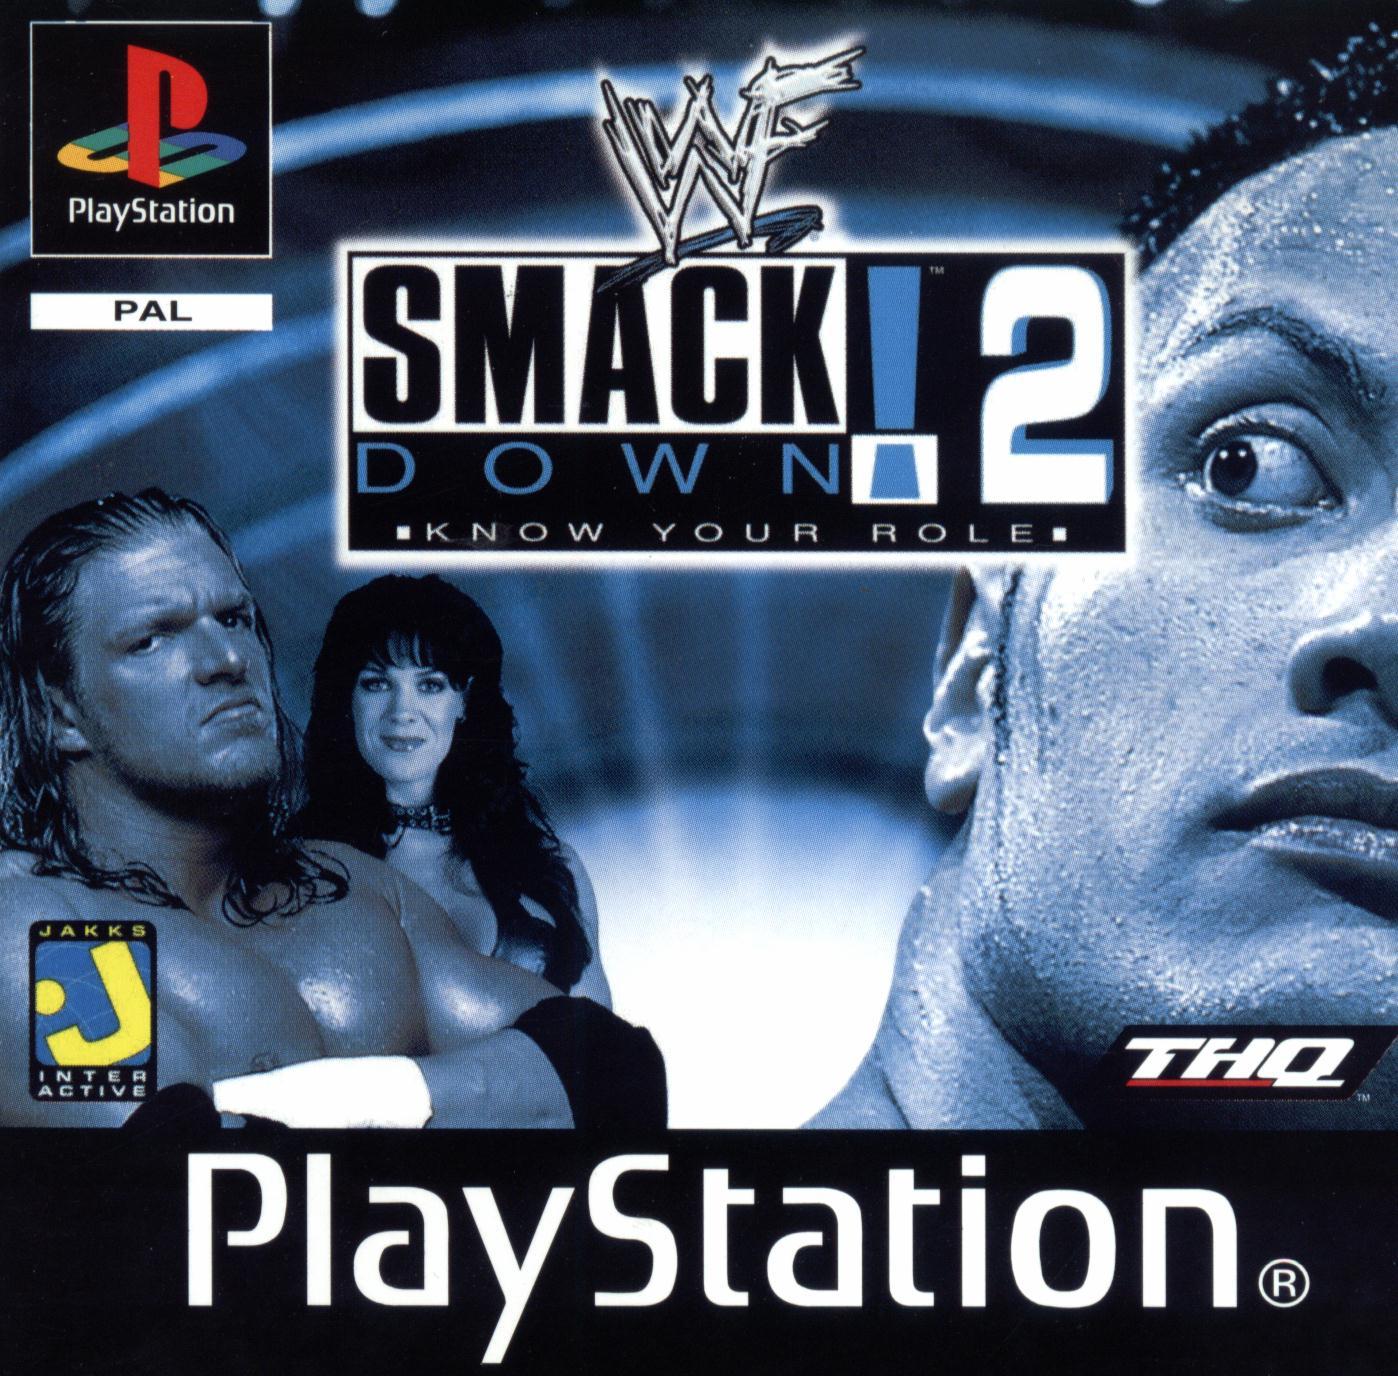 descargar smackdown 2 psx